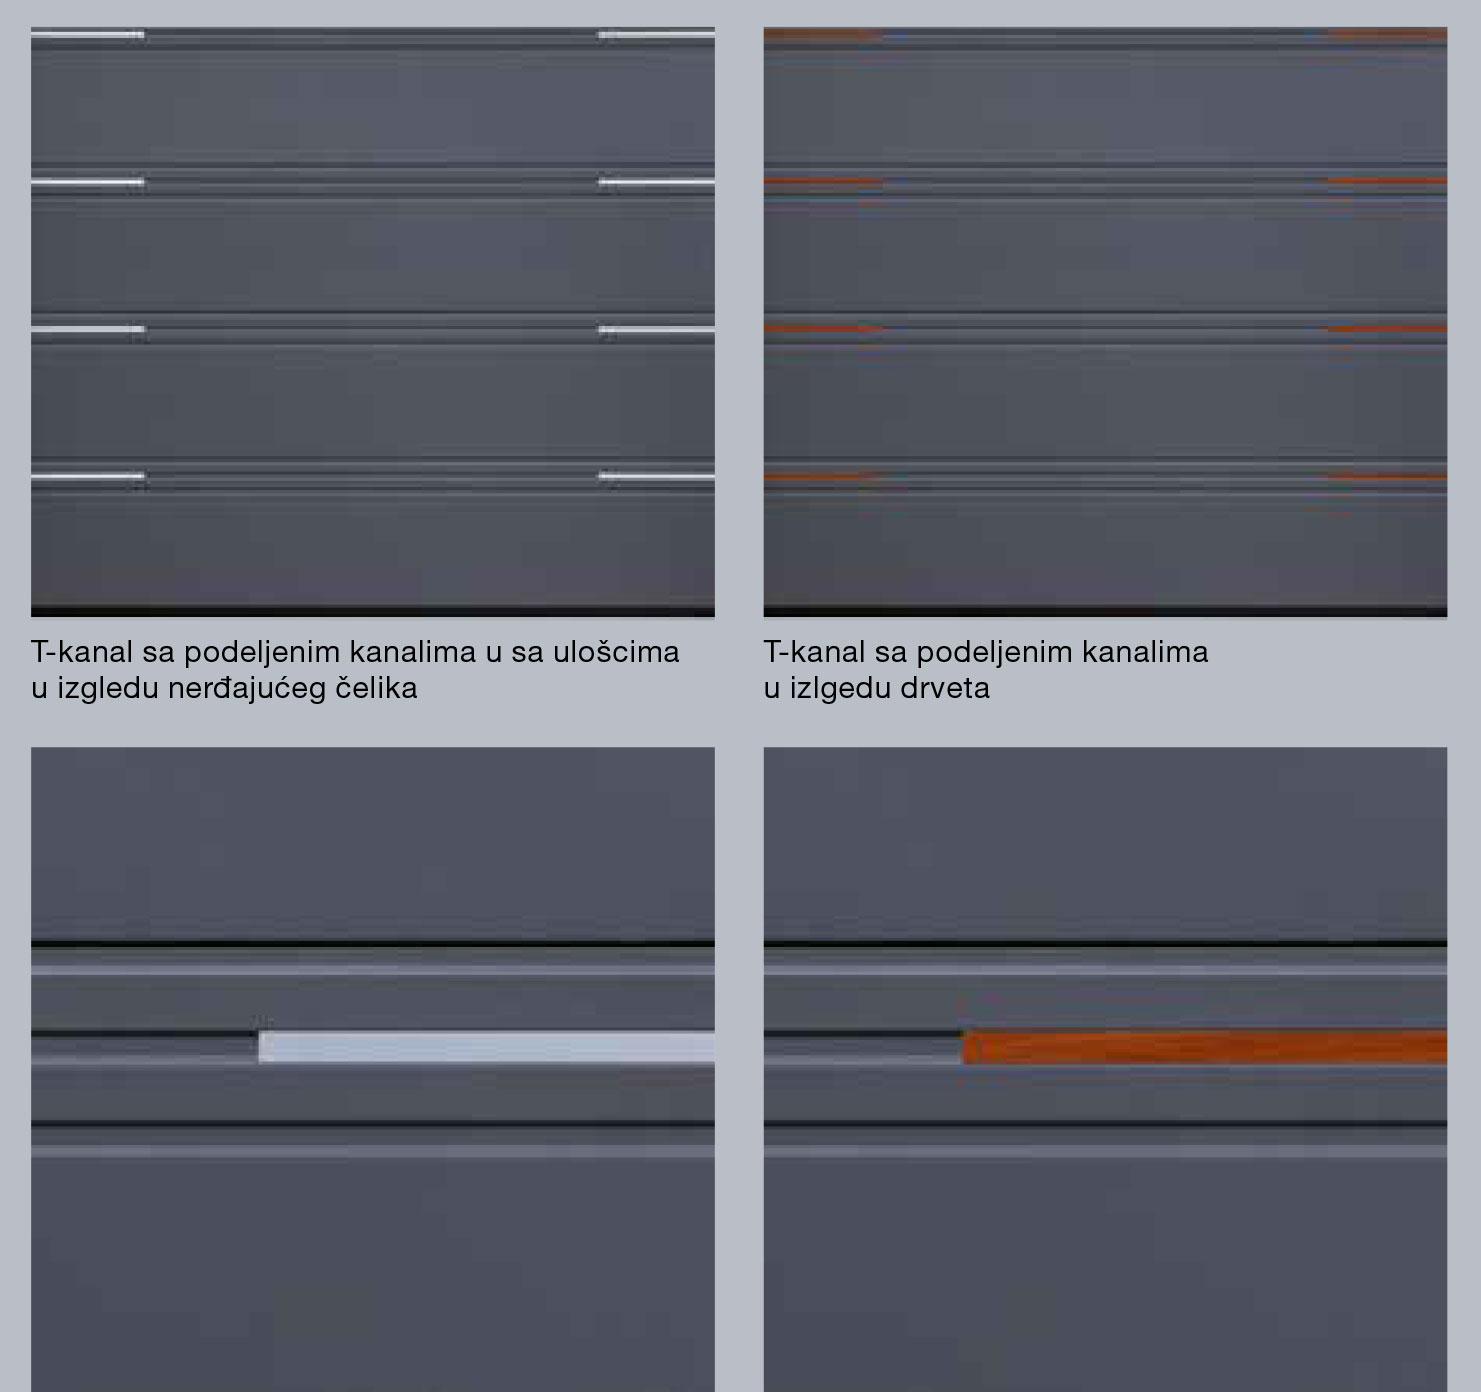 T-kanal sa podeljenim kanalima u sa ulošcima; T-kanal sa podeljenim kanalima